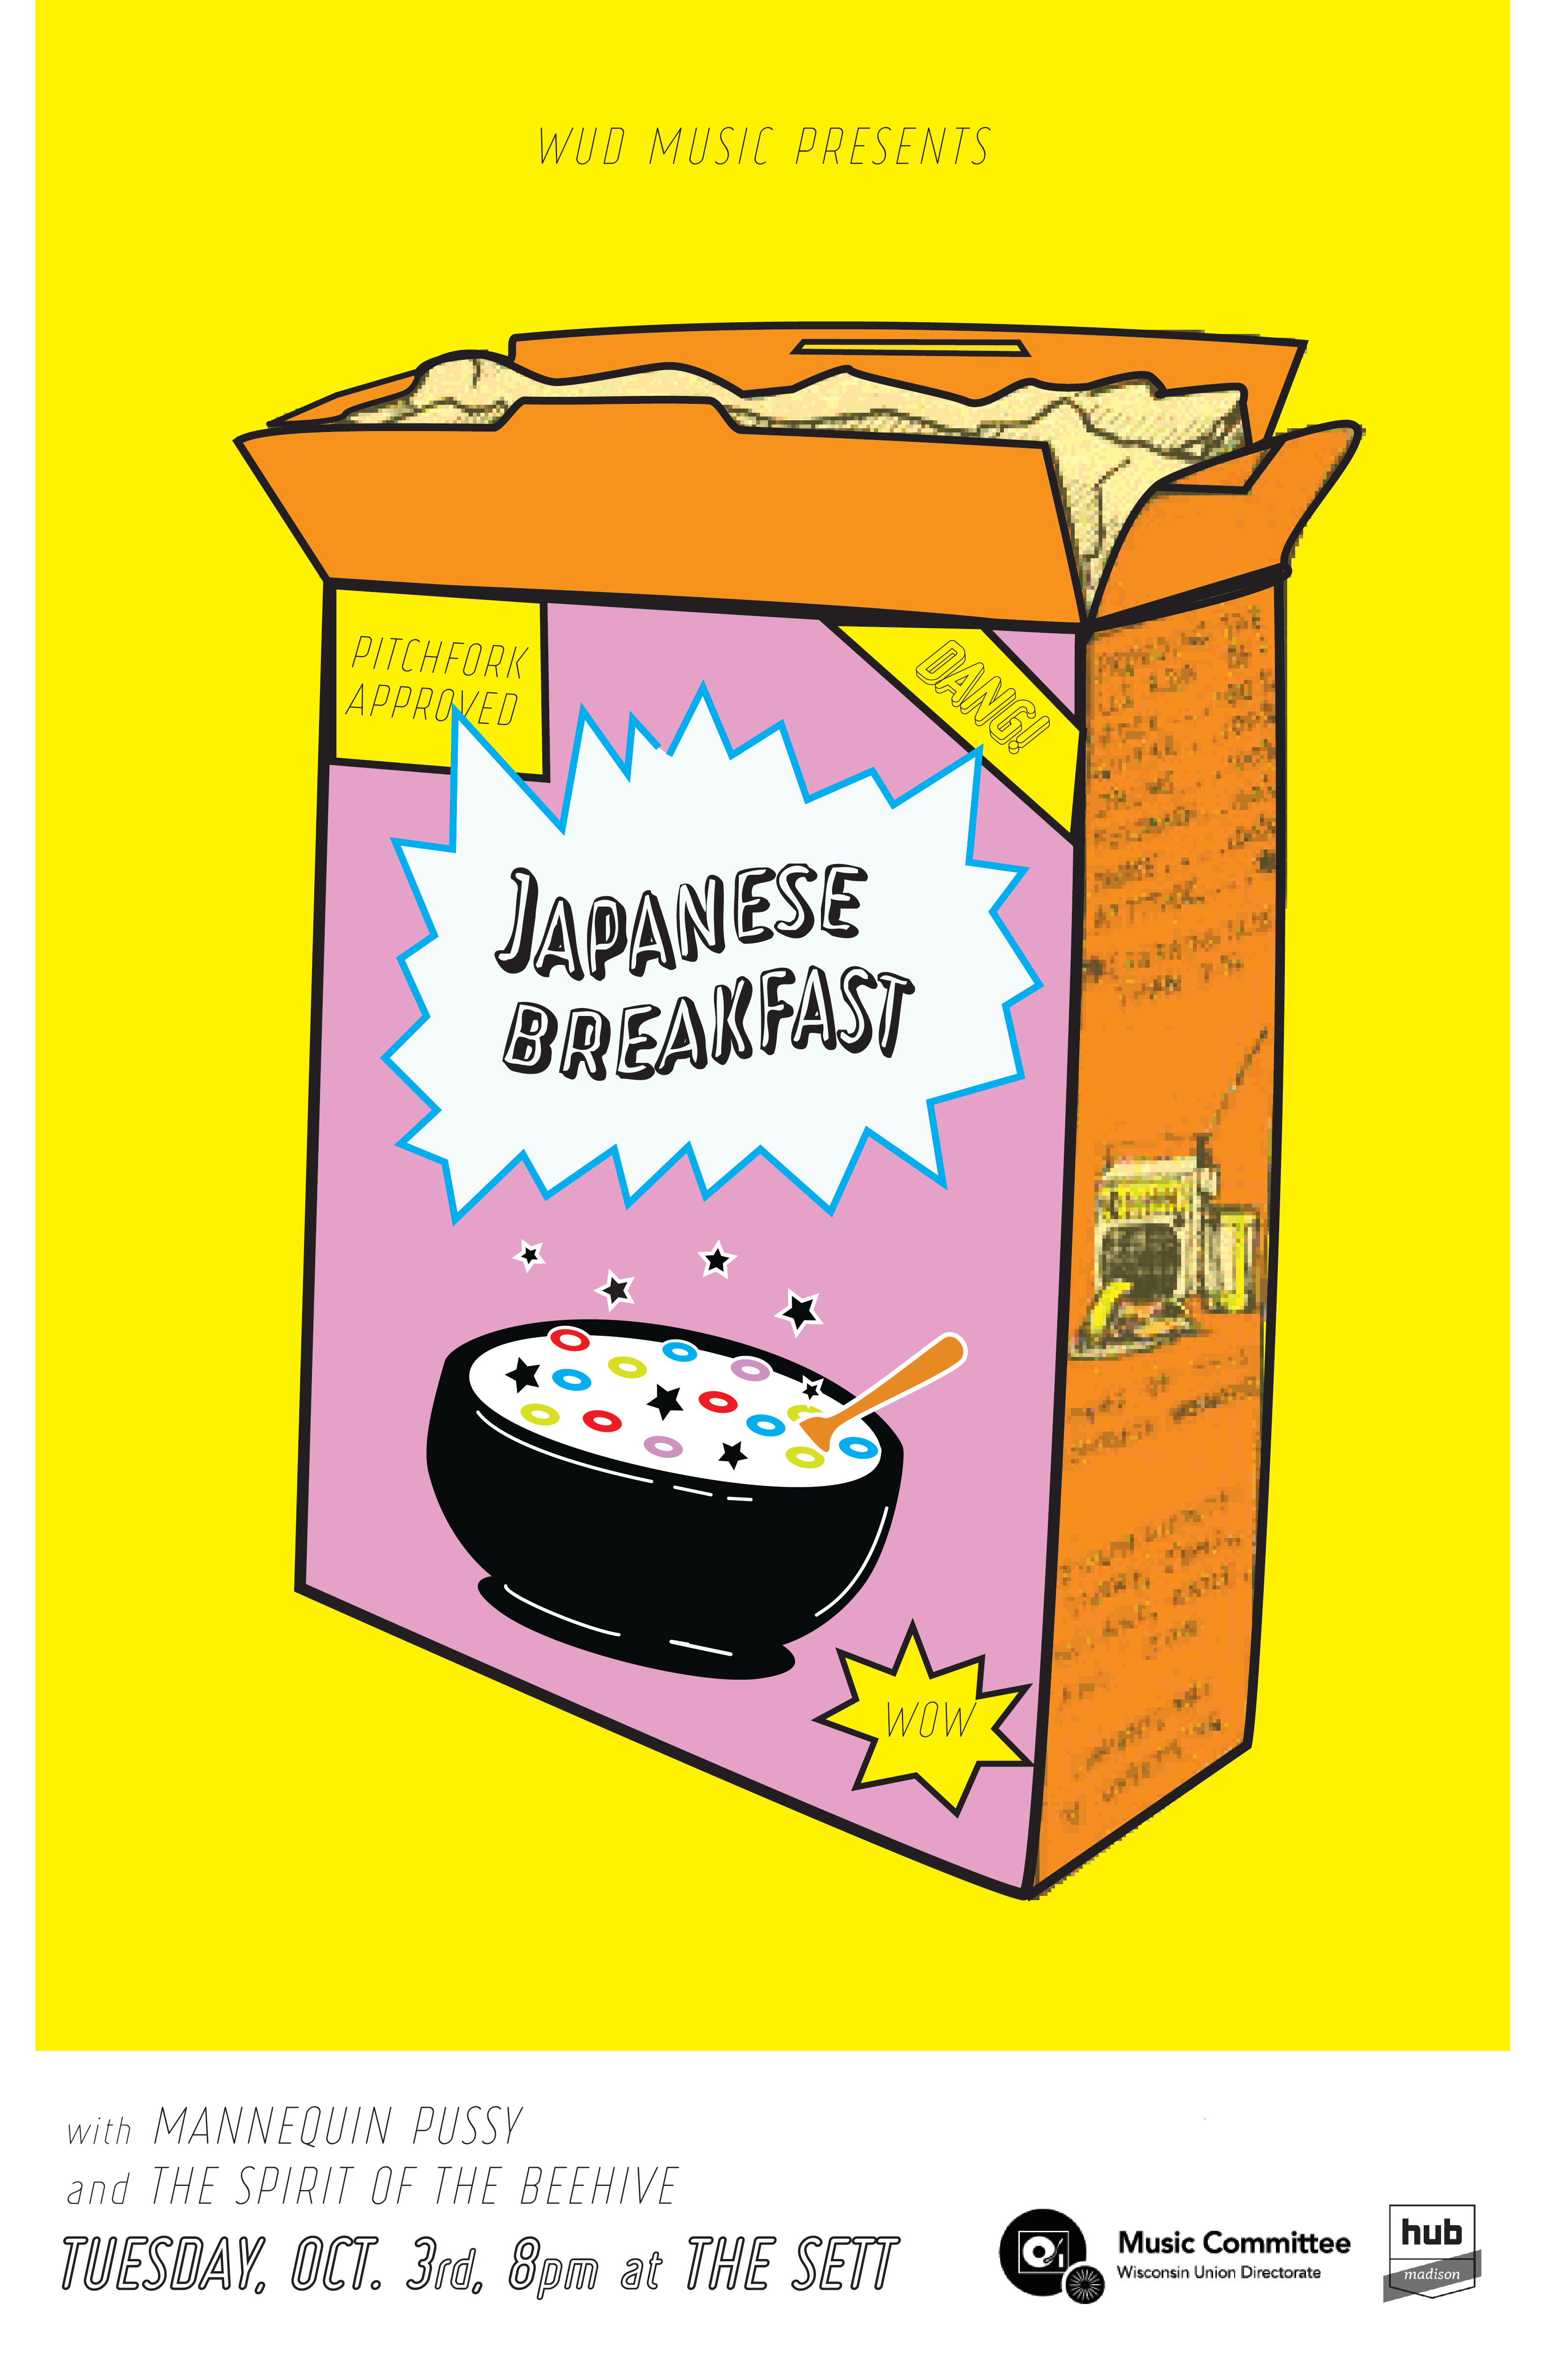 Japanese Breakfast Poster